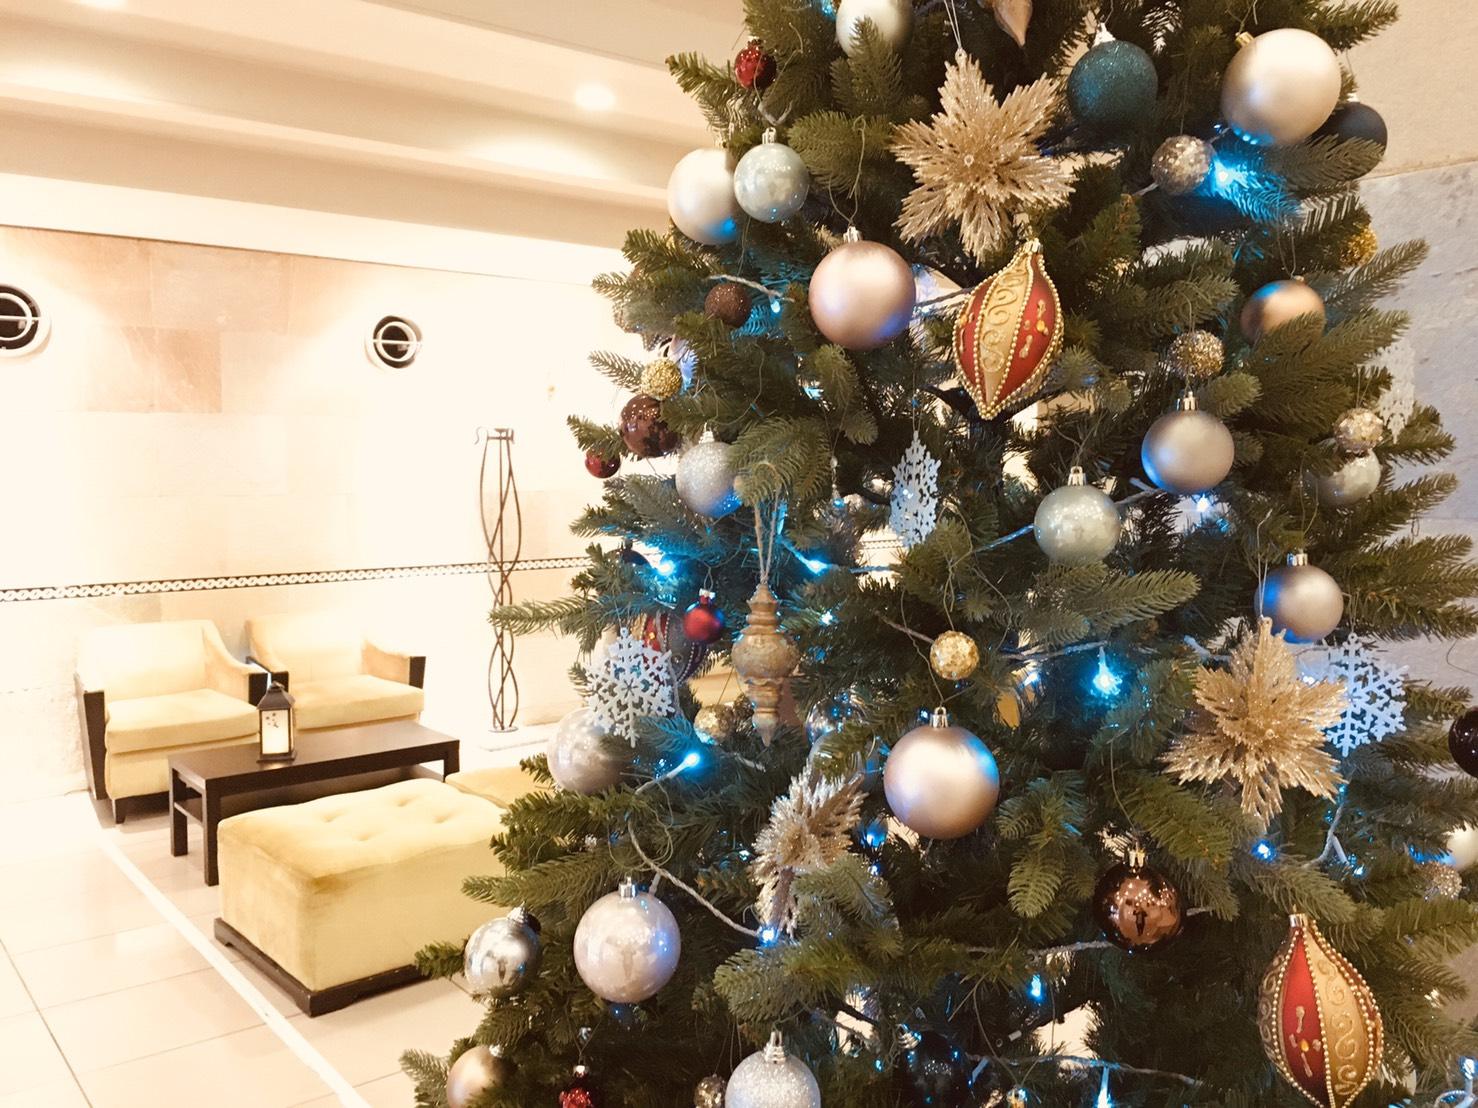 香川県の結婚式場のシェルエメール&アイスタイルのクリスマス